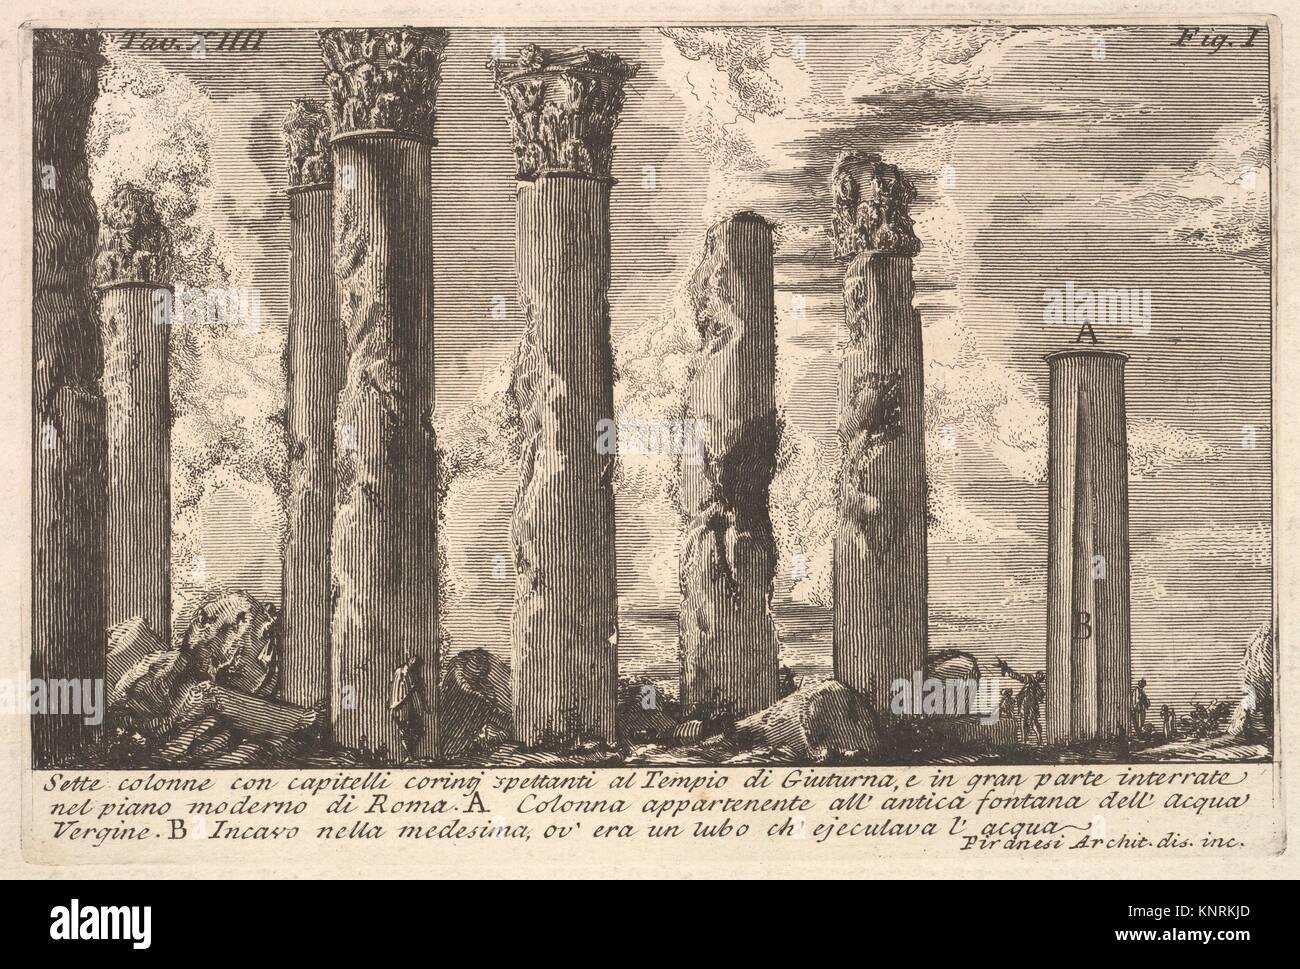 Sette colonne del tempio di Juturna con capitelli corinzi.(Sette colonne con capitelli Corinti spettanti al Tempio Immagini Stock